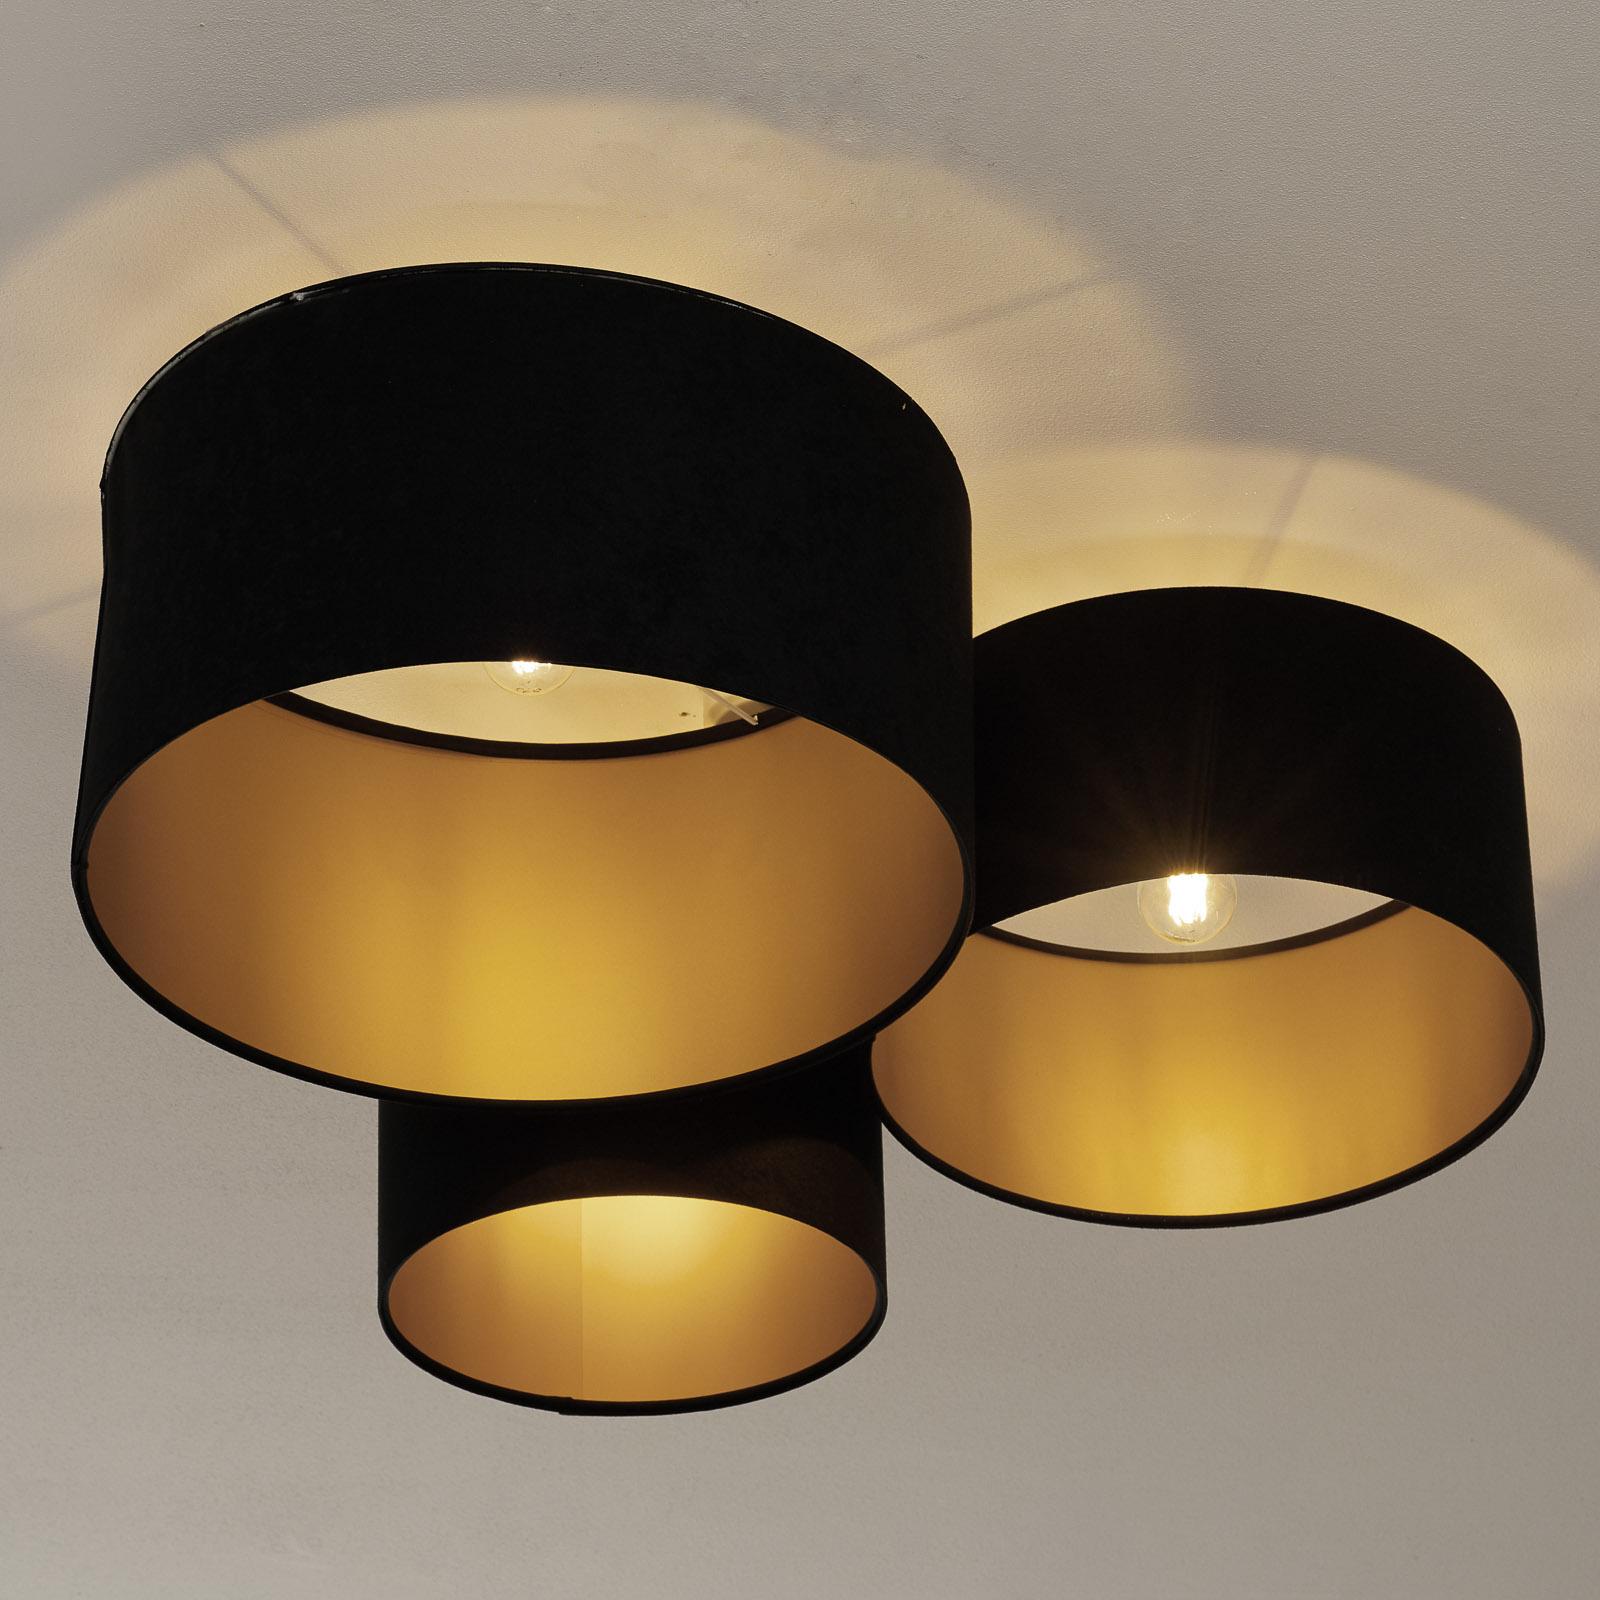 Deckenleuchte 080, dreiflammig, schwarz-gold